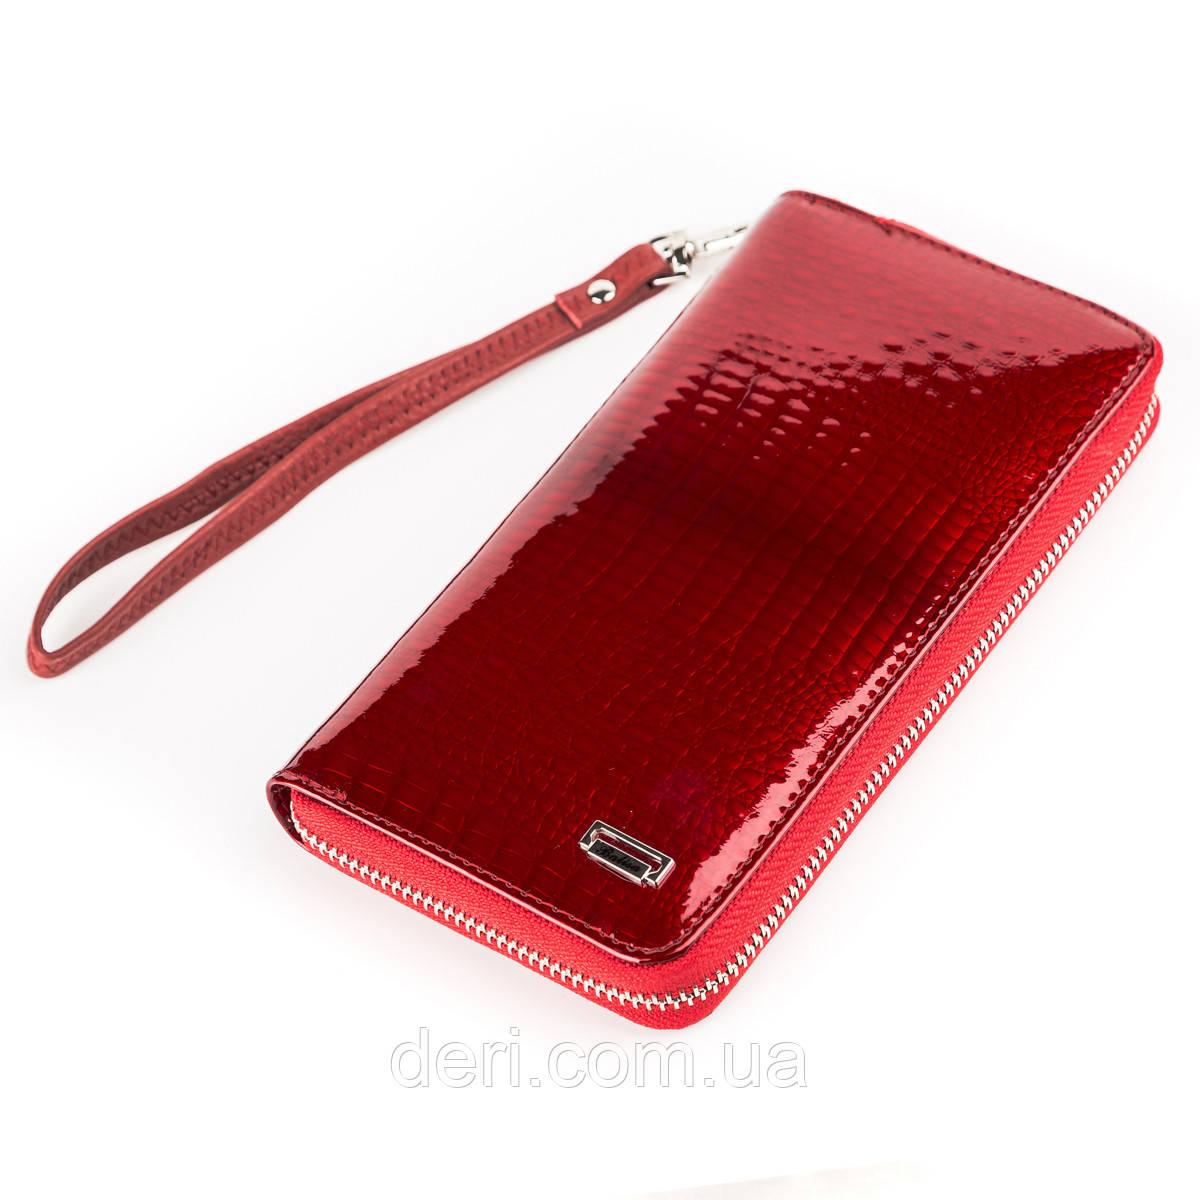 Кошелек-клатч женский BALISA 13866 кожаный Красный, Красный